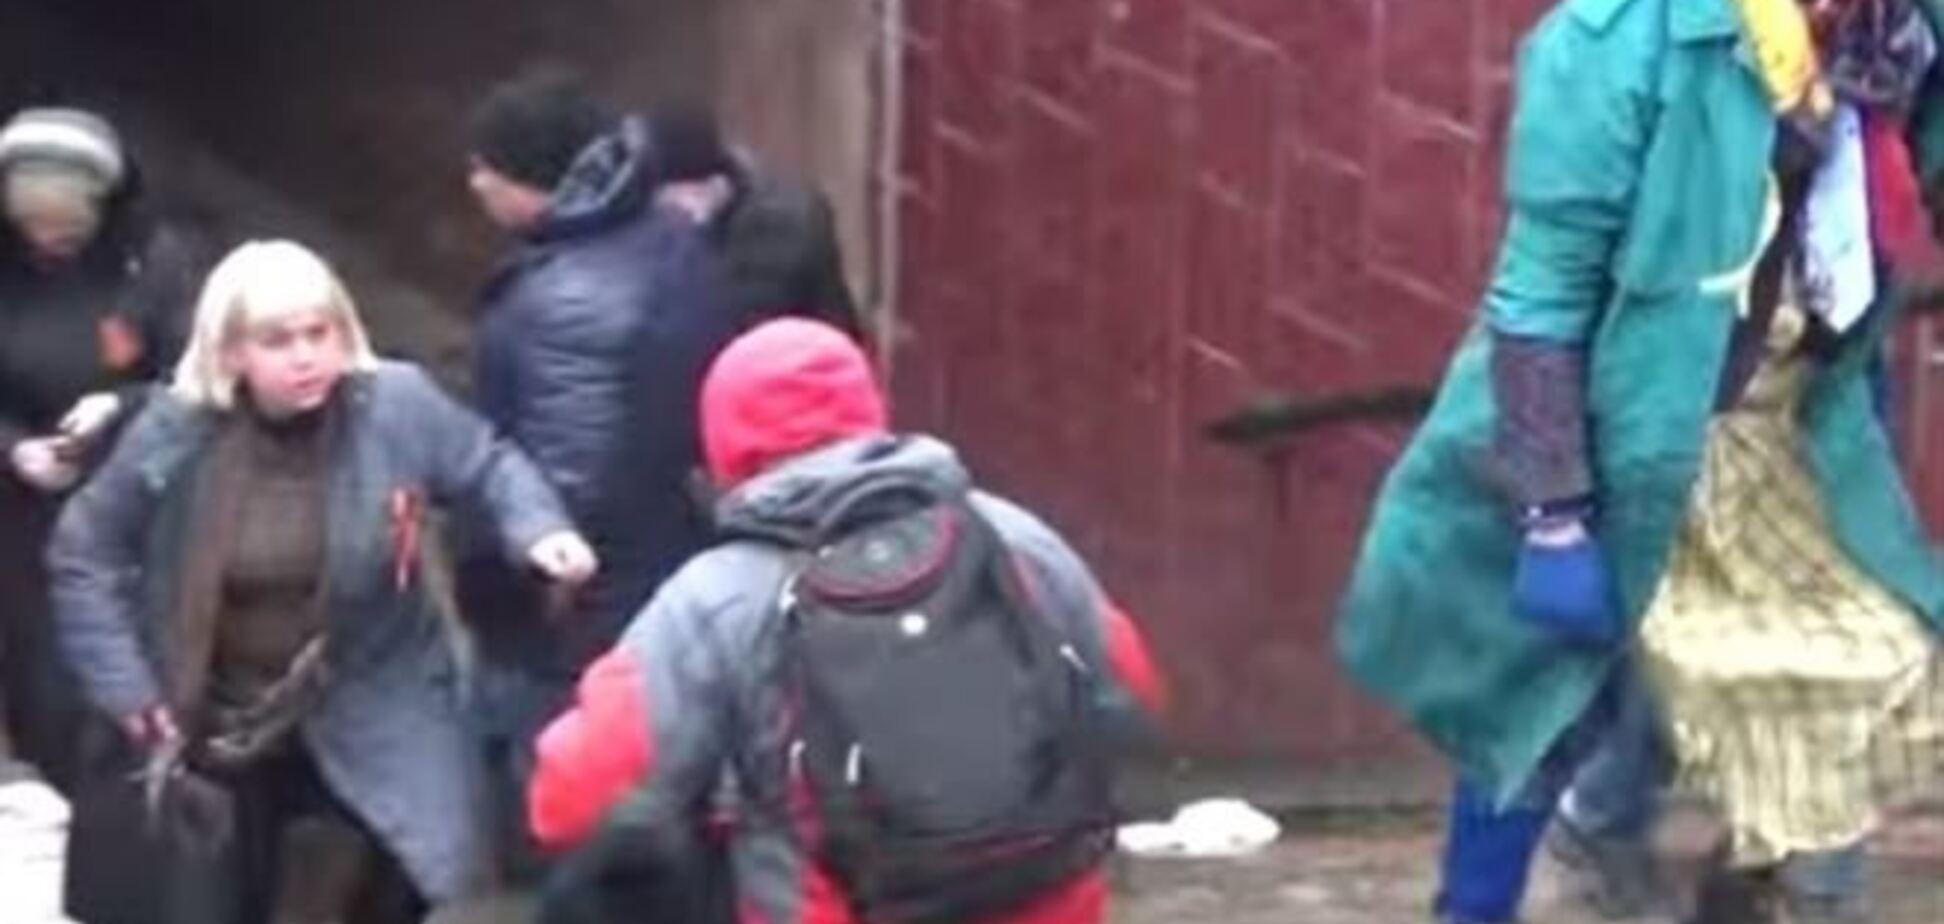 Врач, избившая евромайдановца в Харькове, отправлена под домашний арест